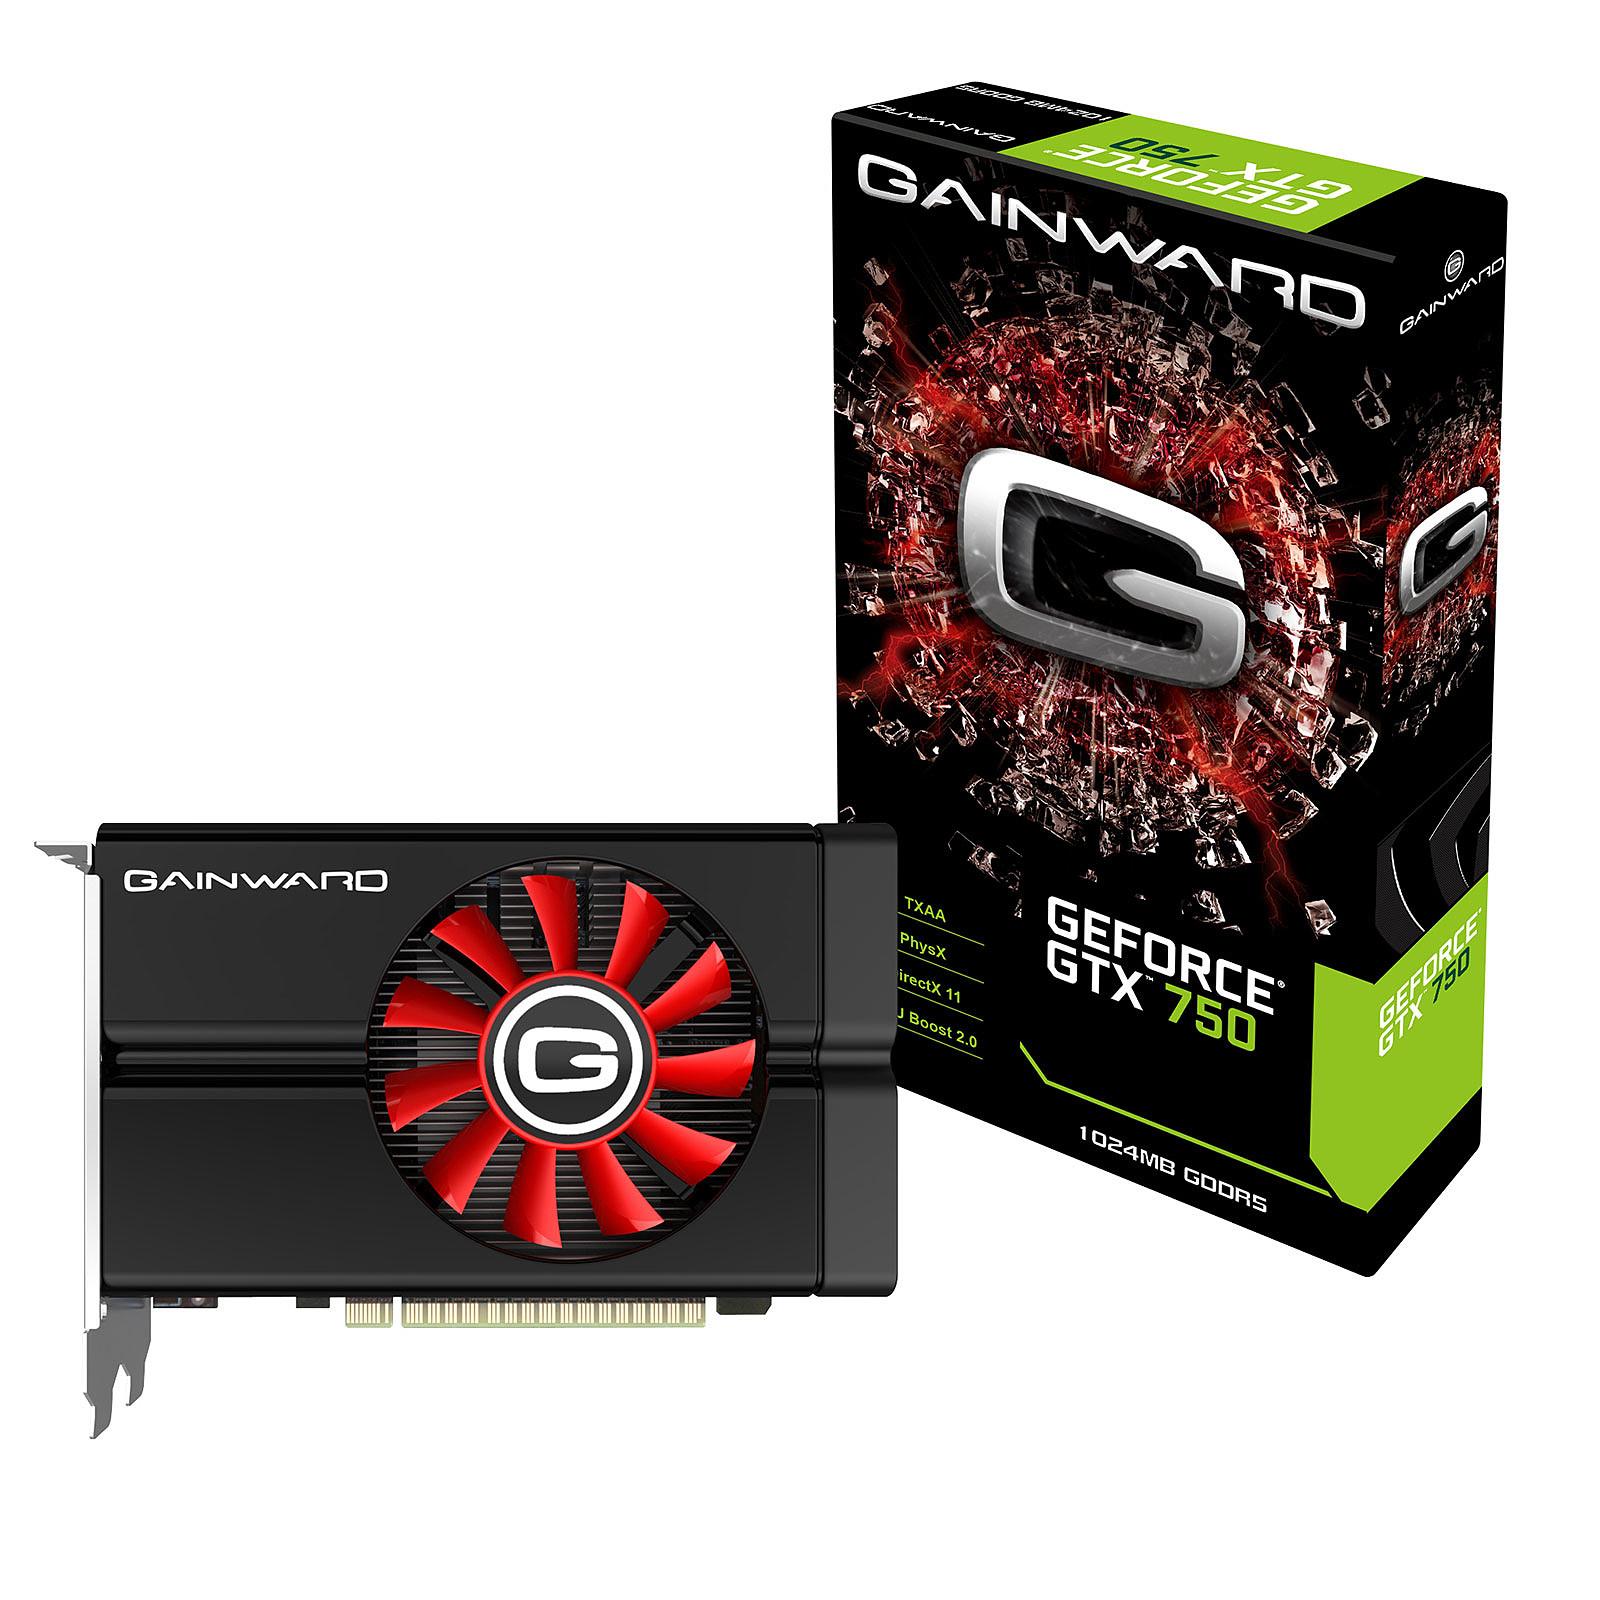 Gainward GeForce GTX 750 1GB